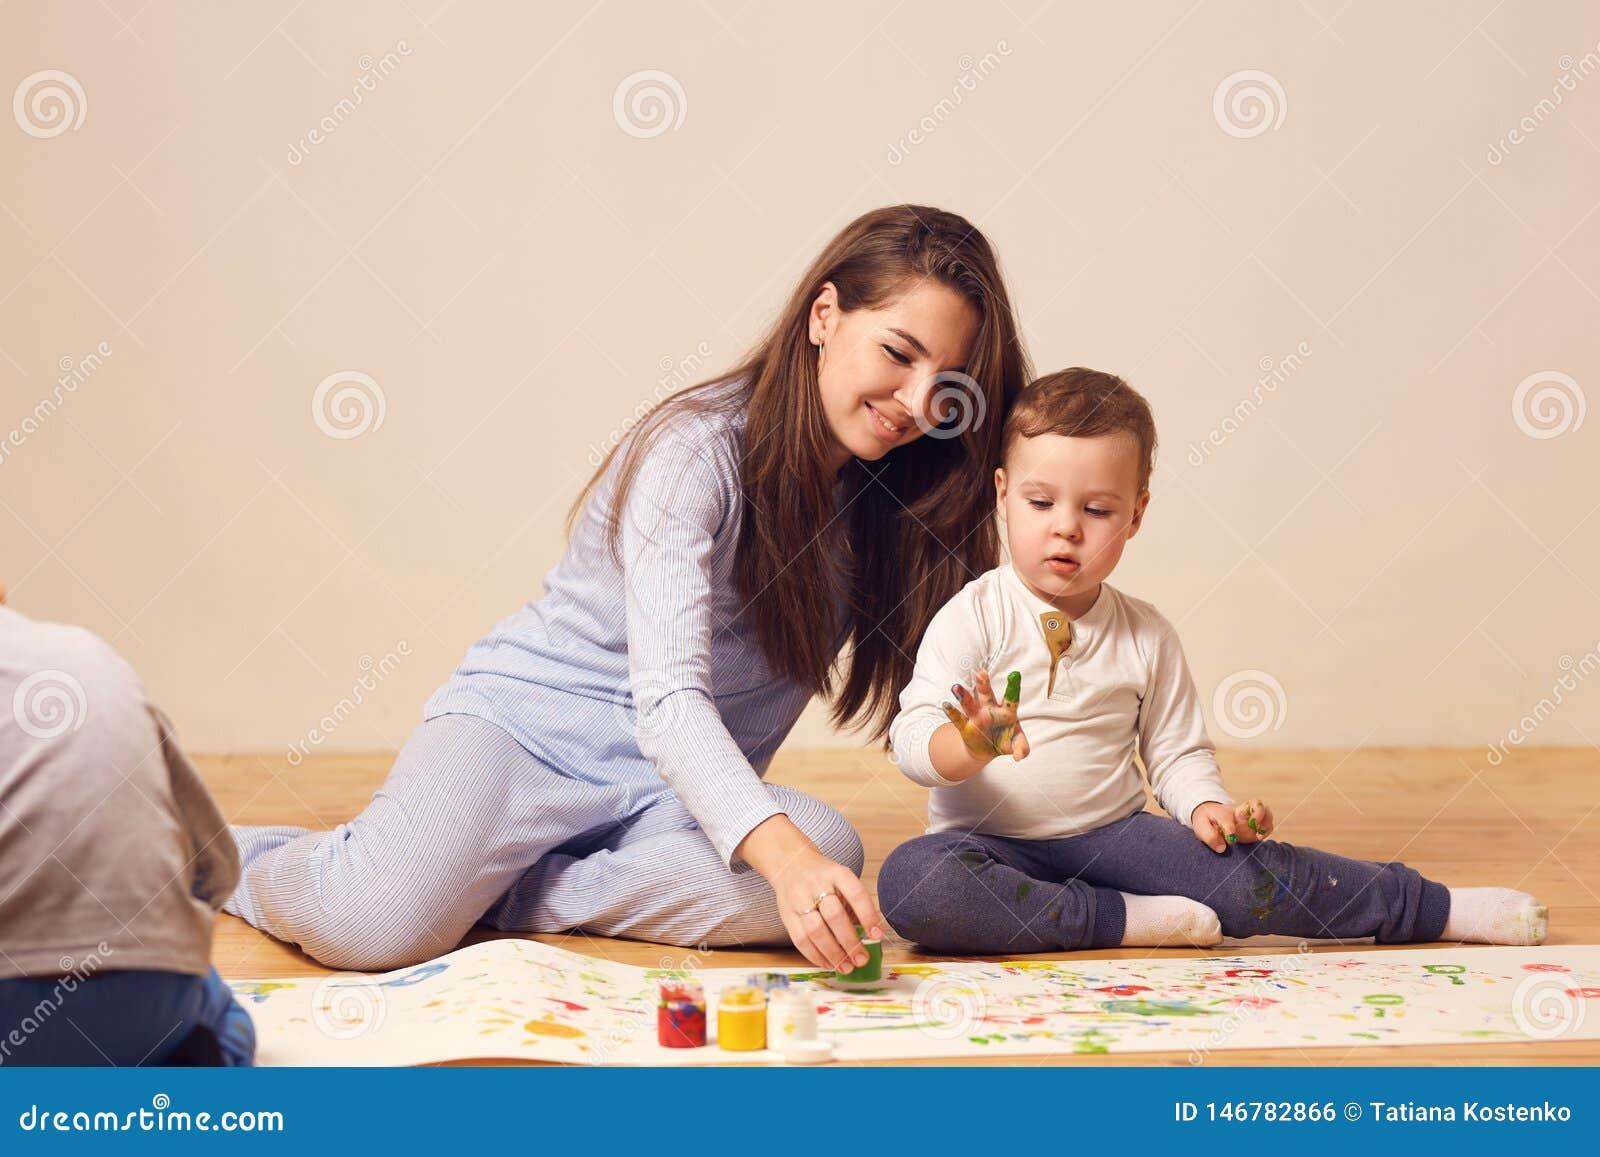 Den h?rliga lyckliga unga modern och hennes ikl?dda hem- kl?der f?r liten son sitter p? tr?golvet i rummet och